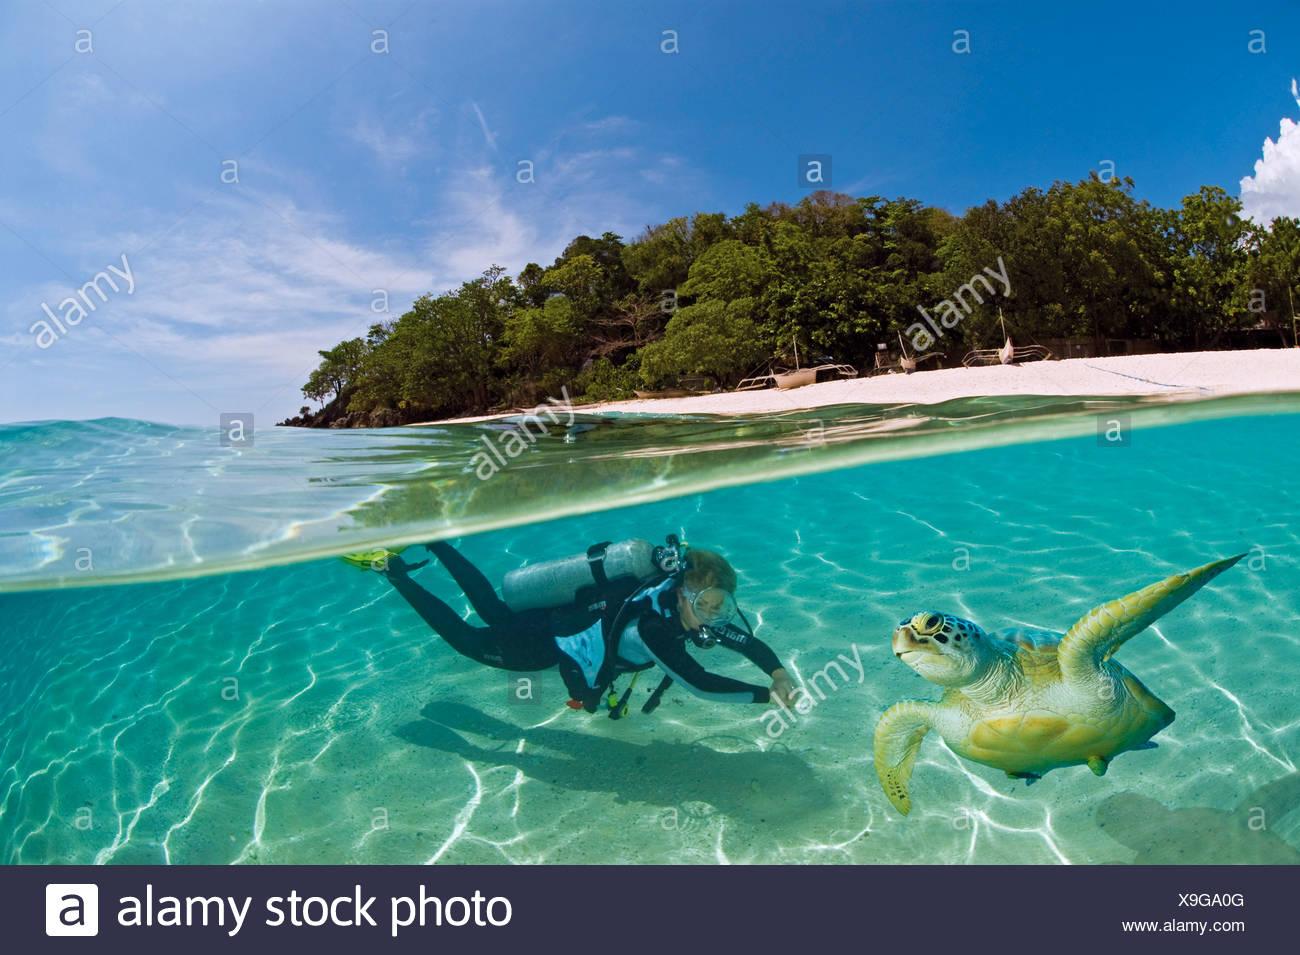 Buzo femenino con una tortuga en las aguas poco profundas fuera de una isla, dimakya island, Palawan, Filipinas, Océano Pacífico Foto de stock